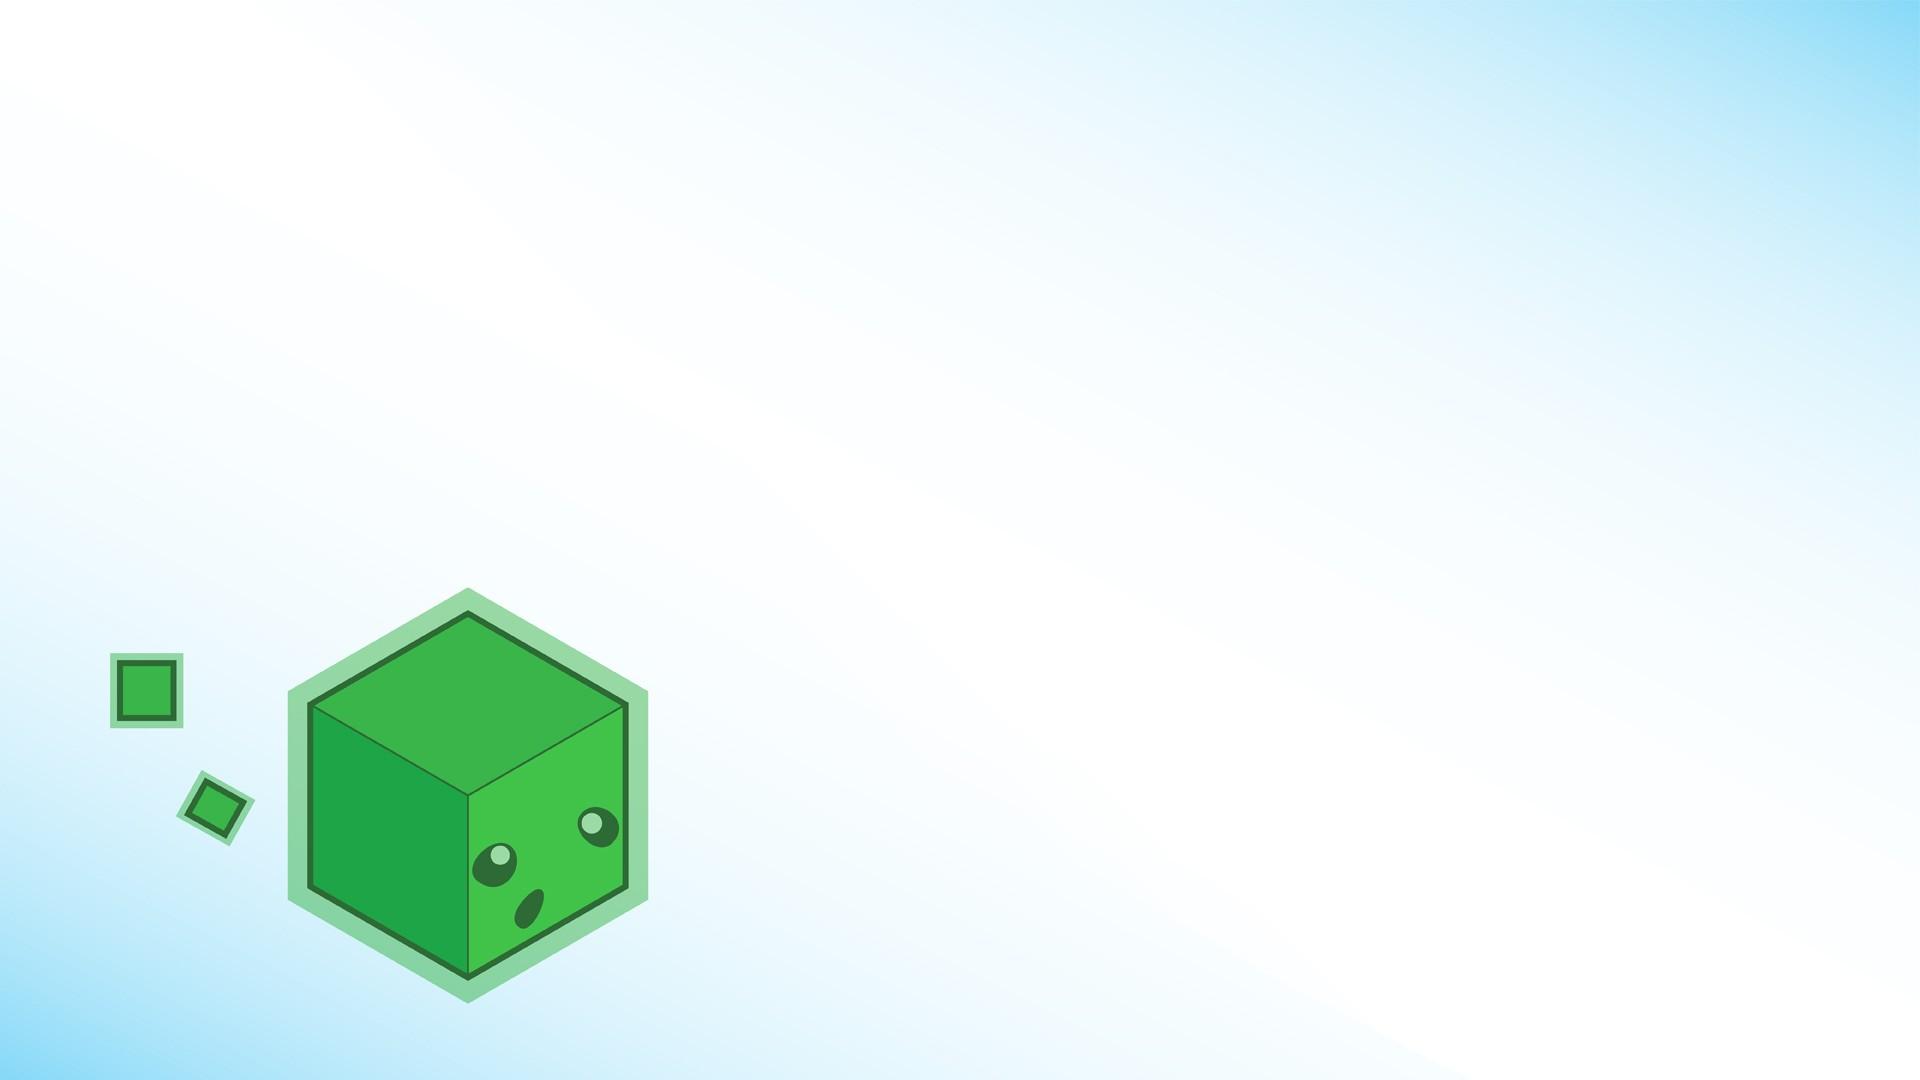 Popular Wallpaper Minecraft Minimalistic - ddedb5d470a13c7b6440b6f451efccf274cf2254  Snapshot_827153.jpg